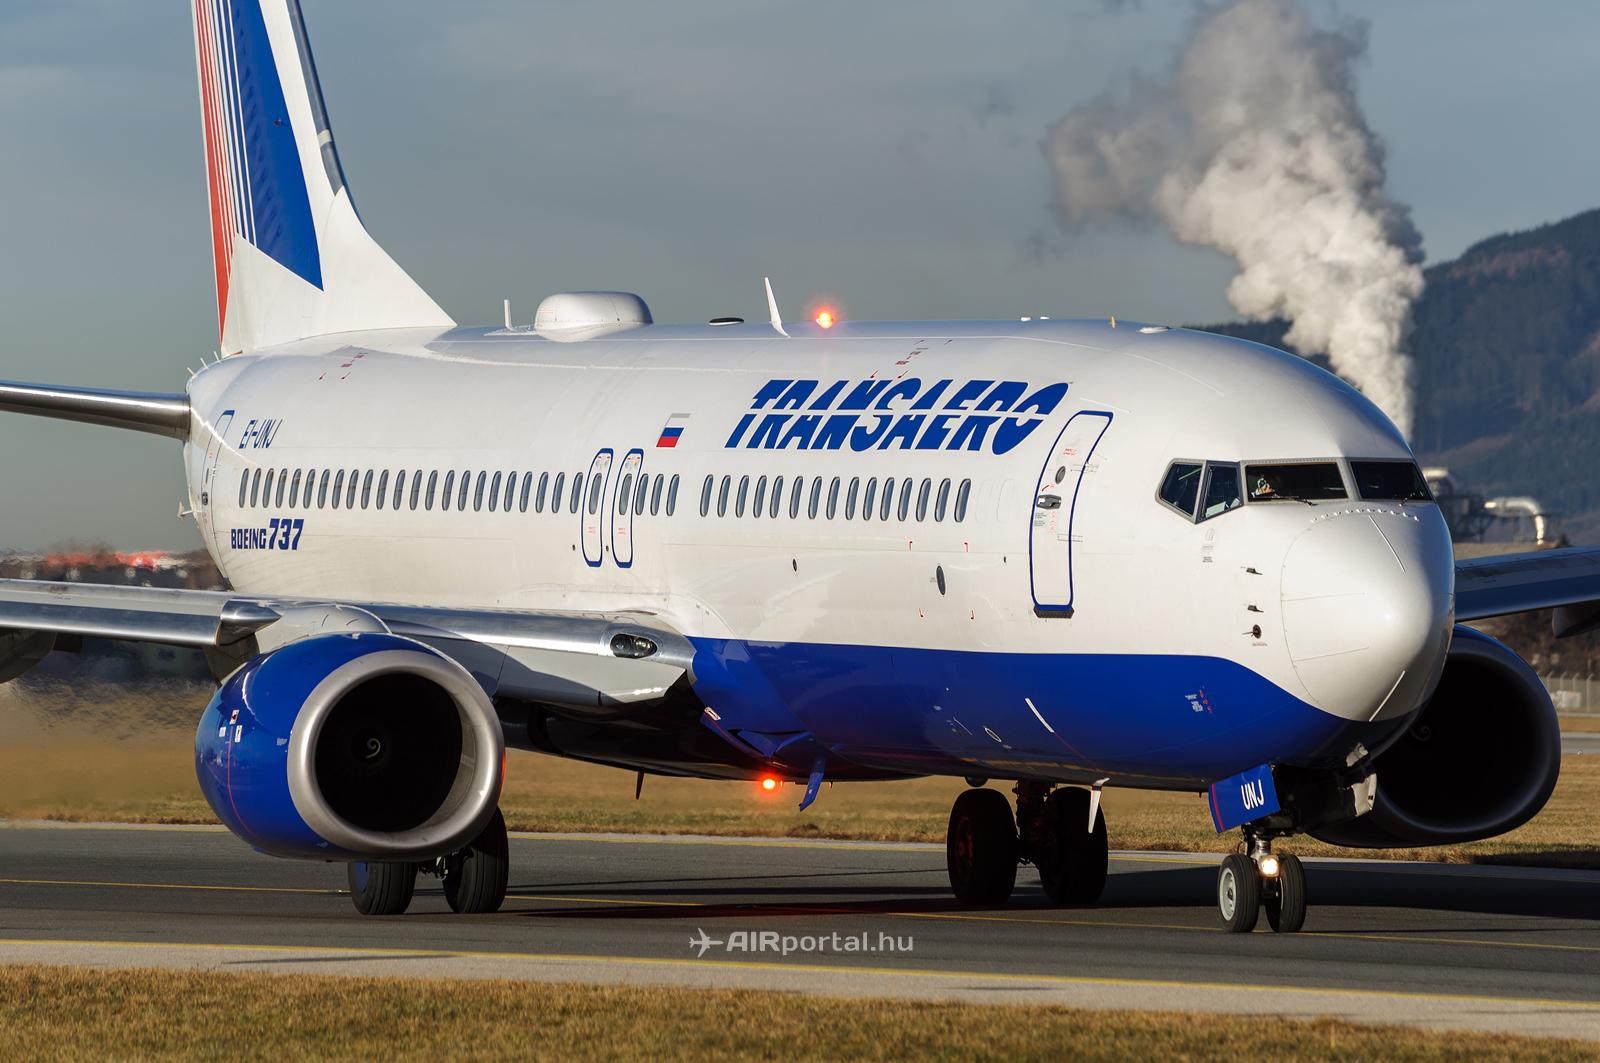 A Transaero egyik Boeing 737-800-as gépe.Egyre több orosz légitársaság kénytelen visszaadni a modernebb, magas lízingdíjakkal rendelkező gépeit, és helyette a régebbi típusokat használni. (Fotó: Kovács Gábor - AIRportal.hu)   © AIRportal.hu